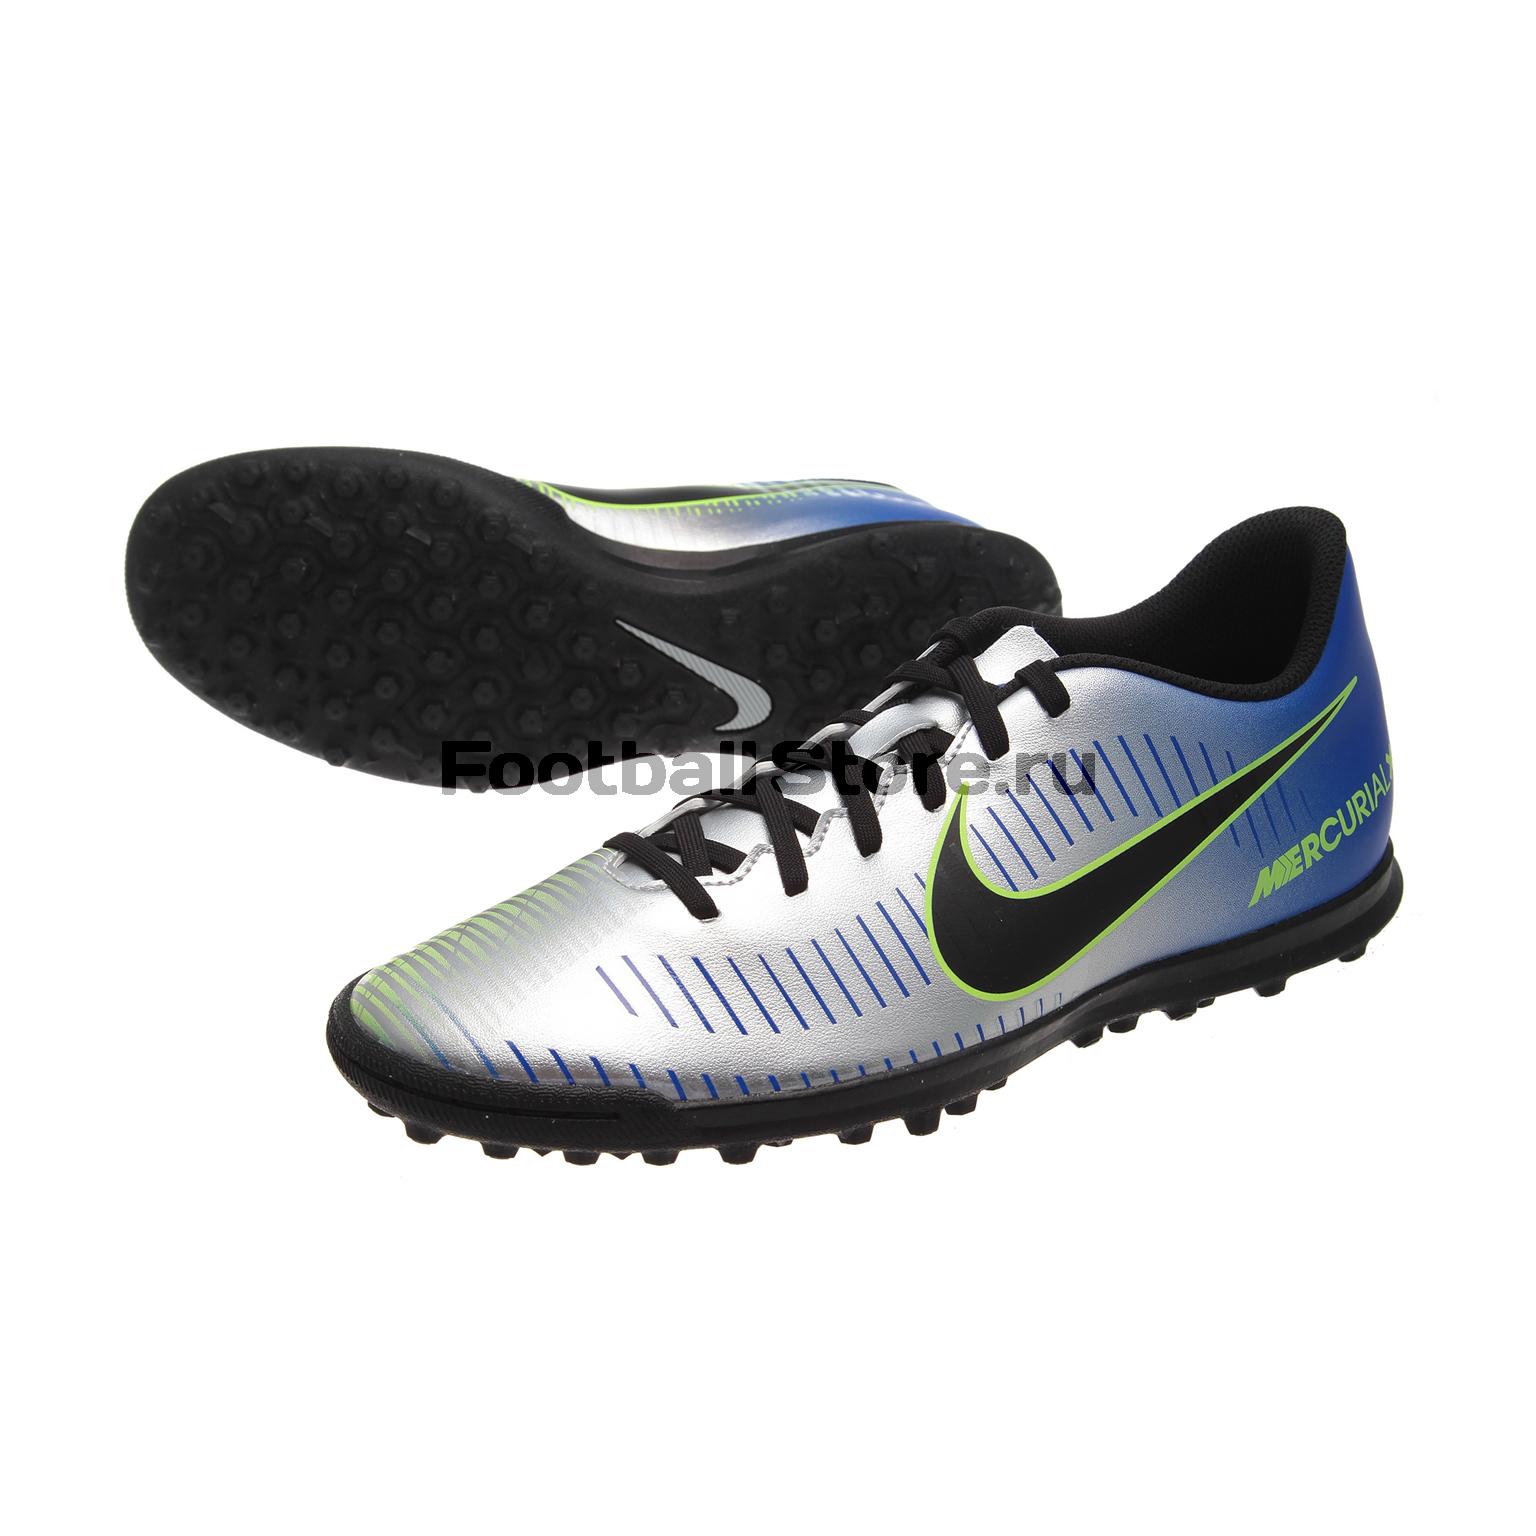 Шиповки Nike Mercurial Victory VI Neymar TF 921517-407 бутсы футбольные nike mercurial victory vi njr fg 921488 407 jr детские